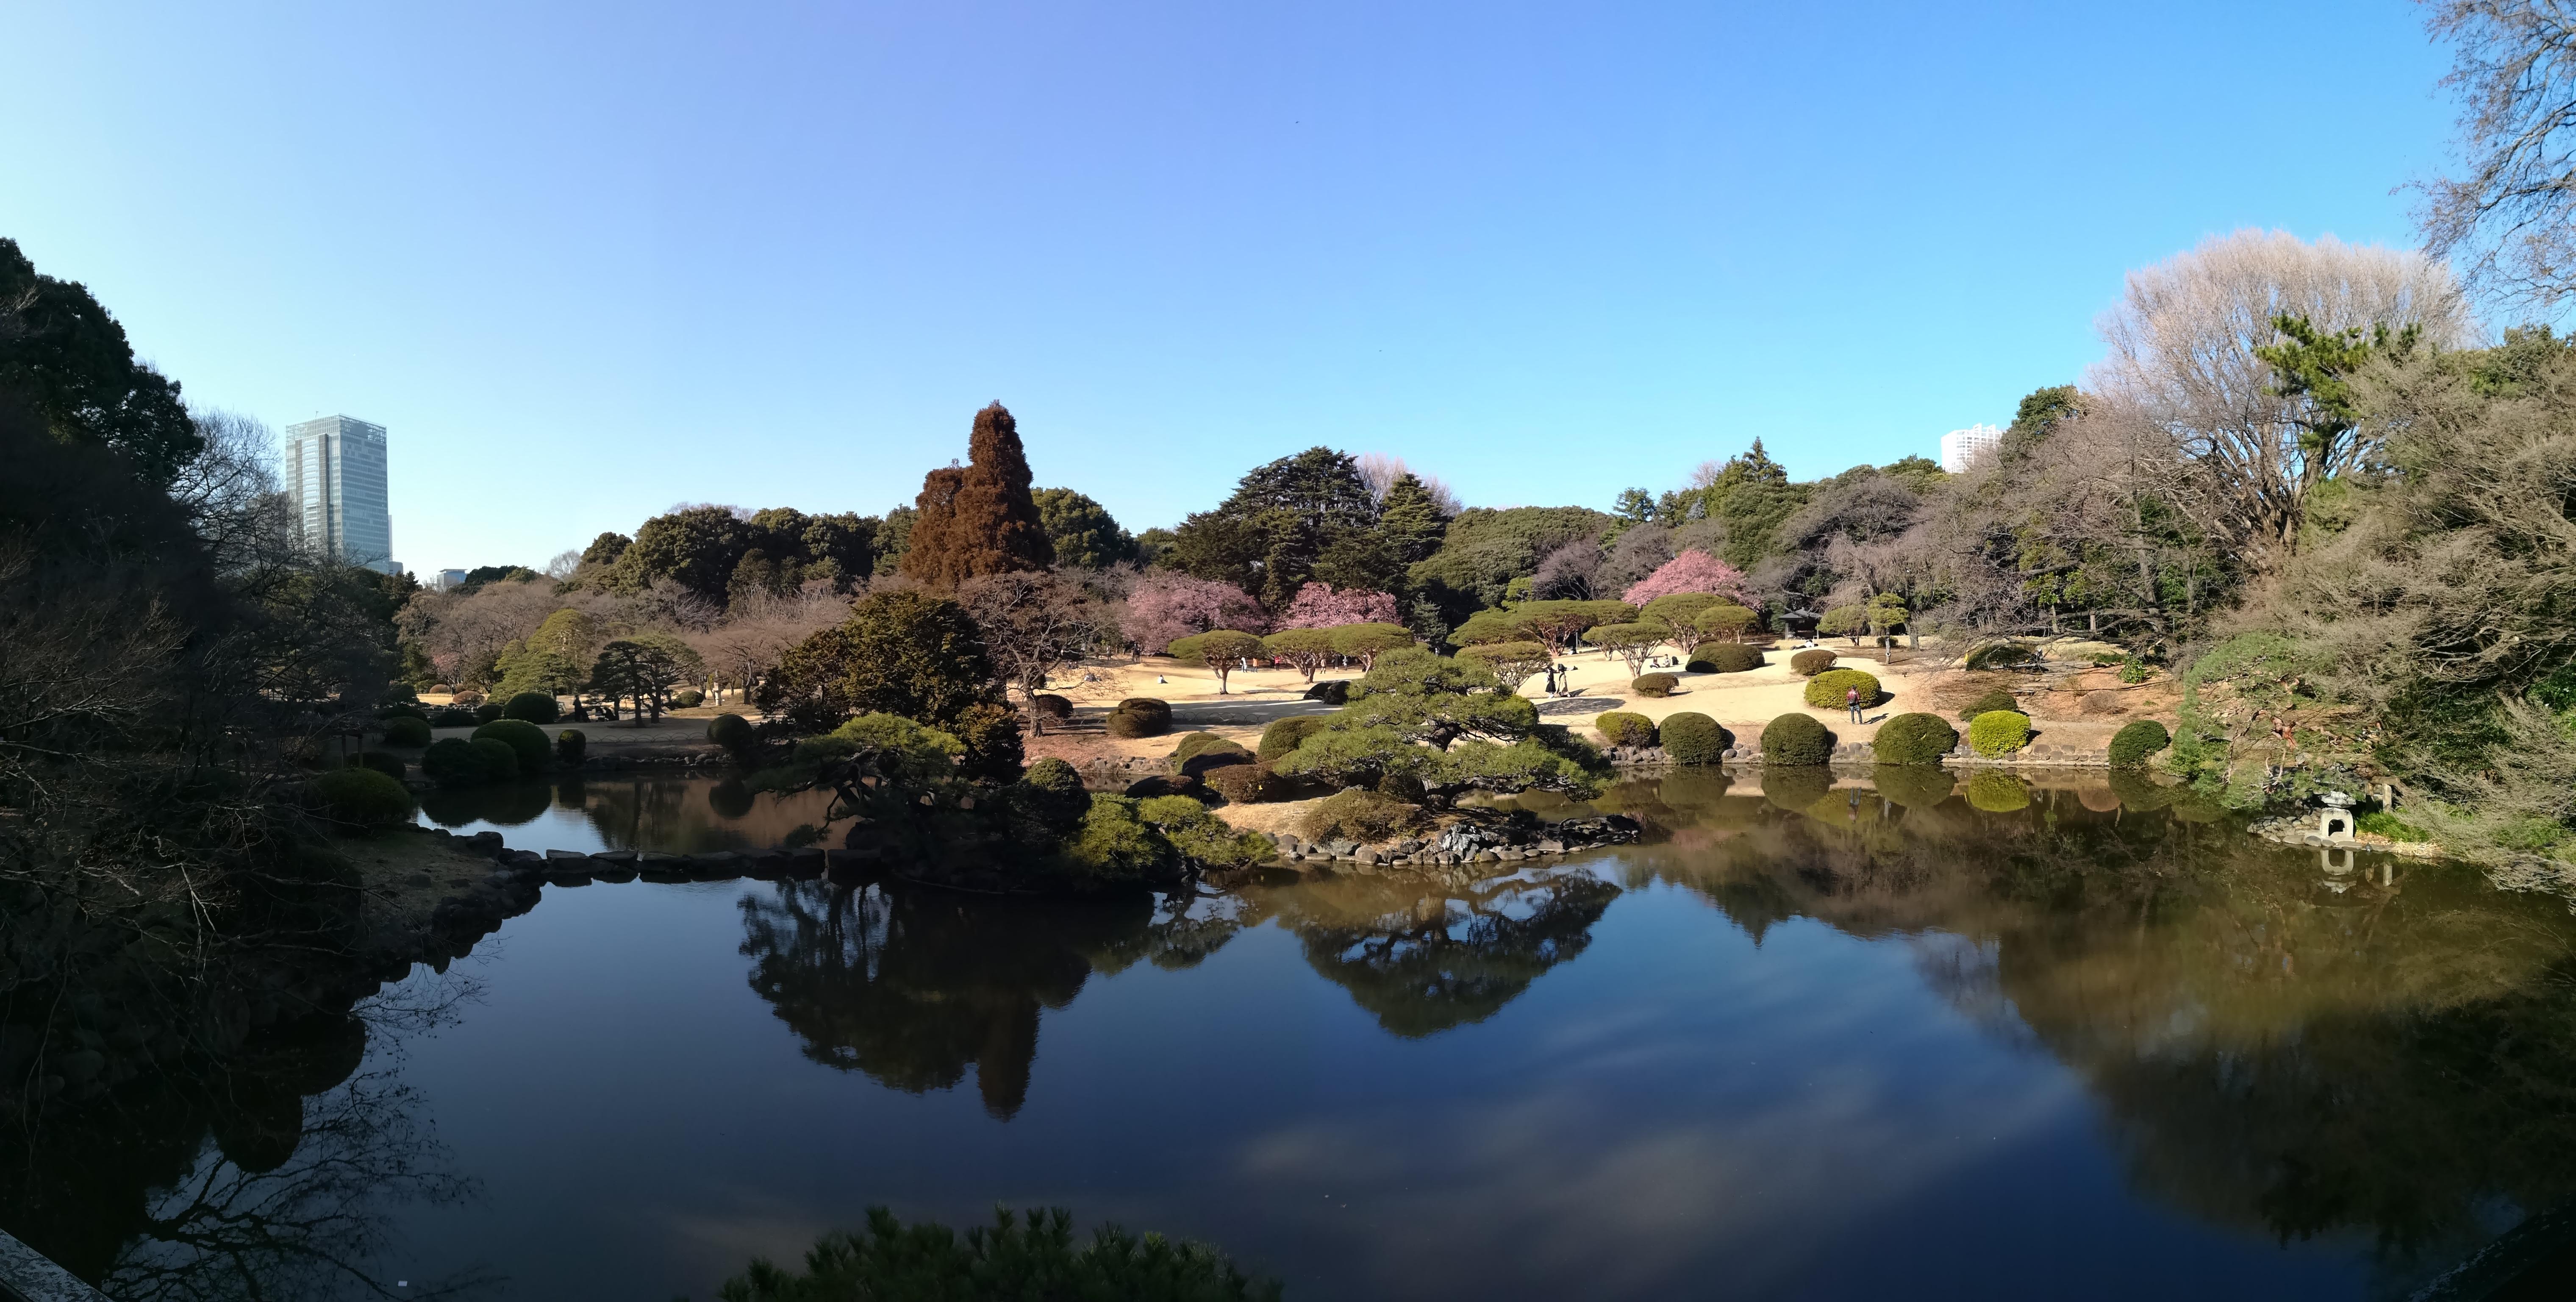 Giardino giapponese viaggio in Giappone_Tulipando